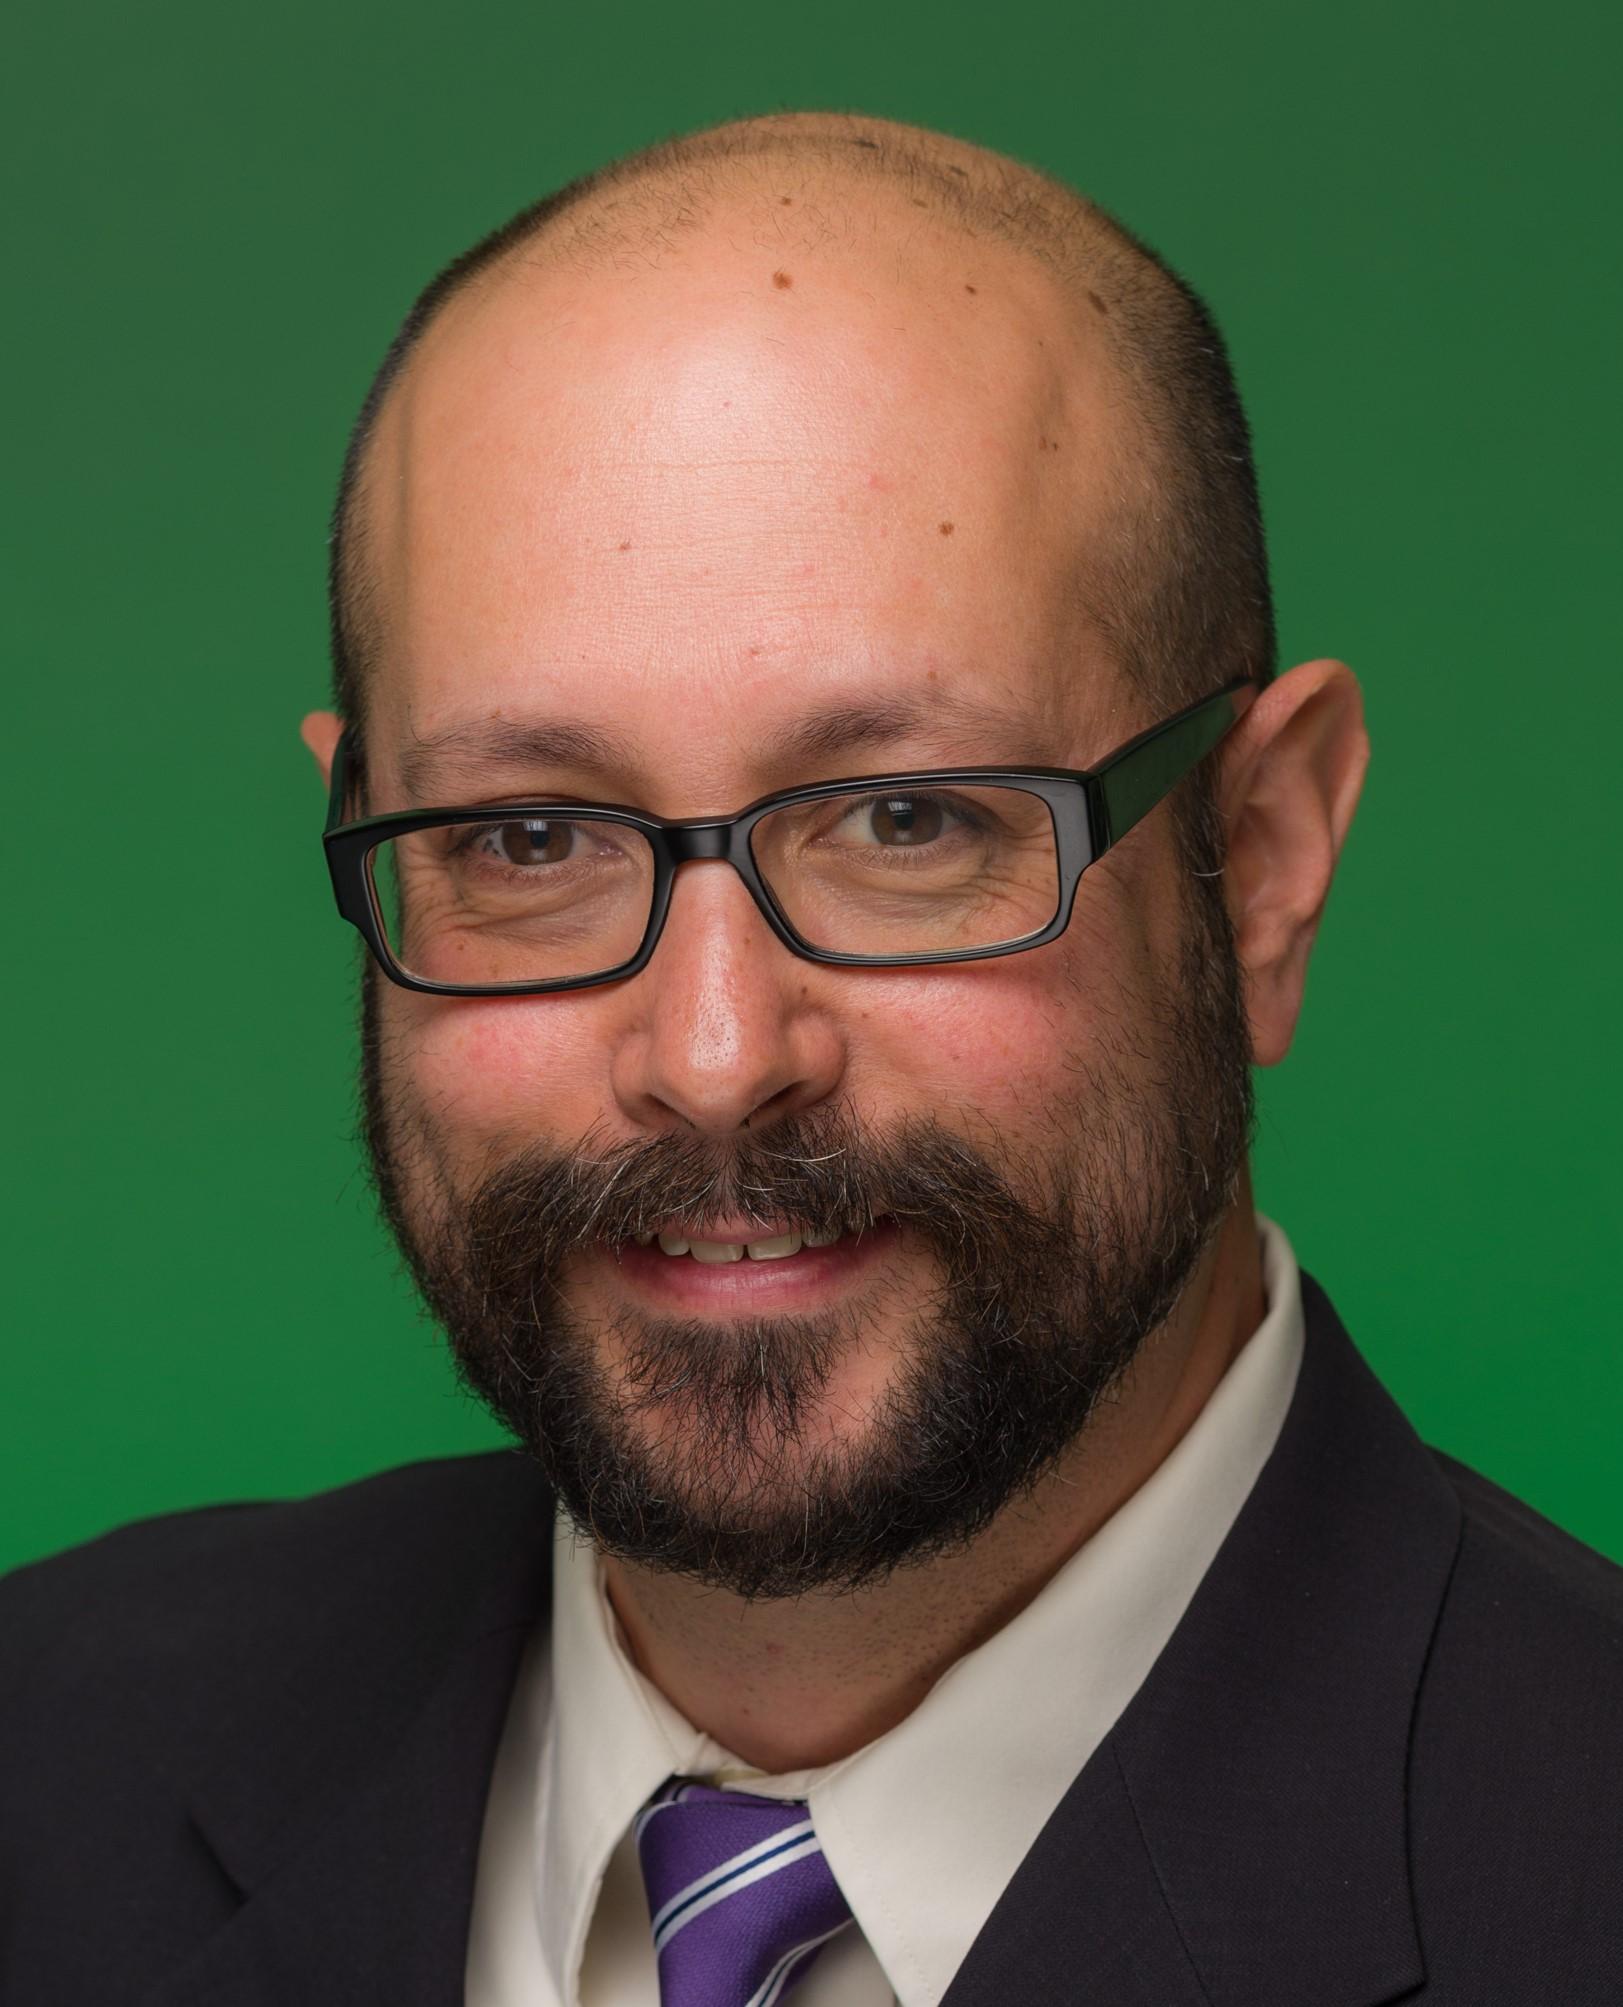 Anthony Sánchez